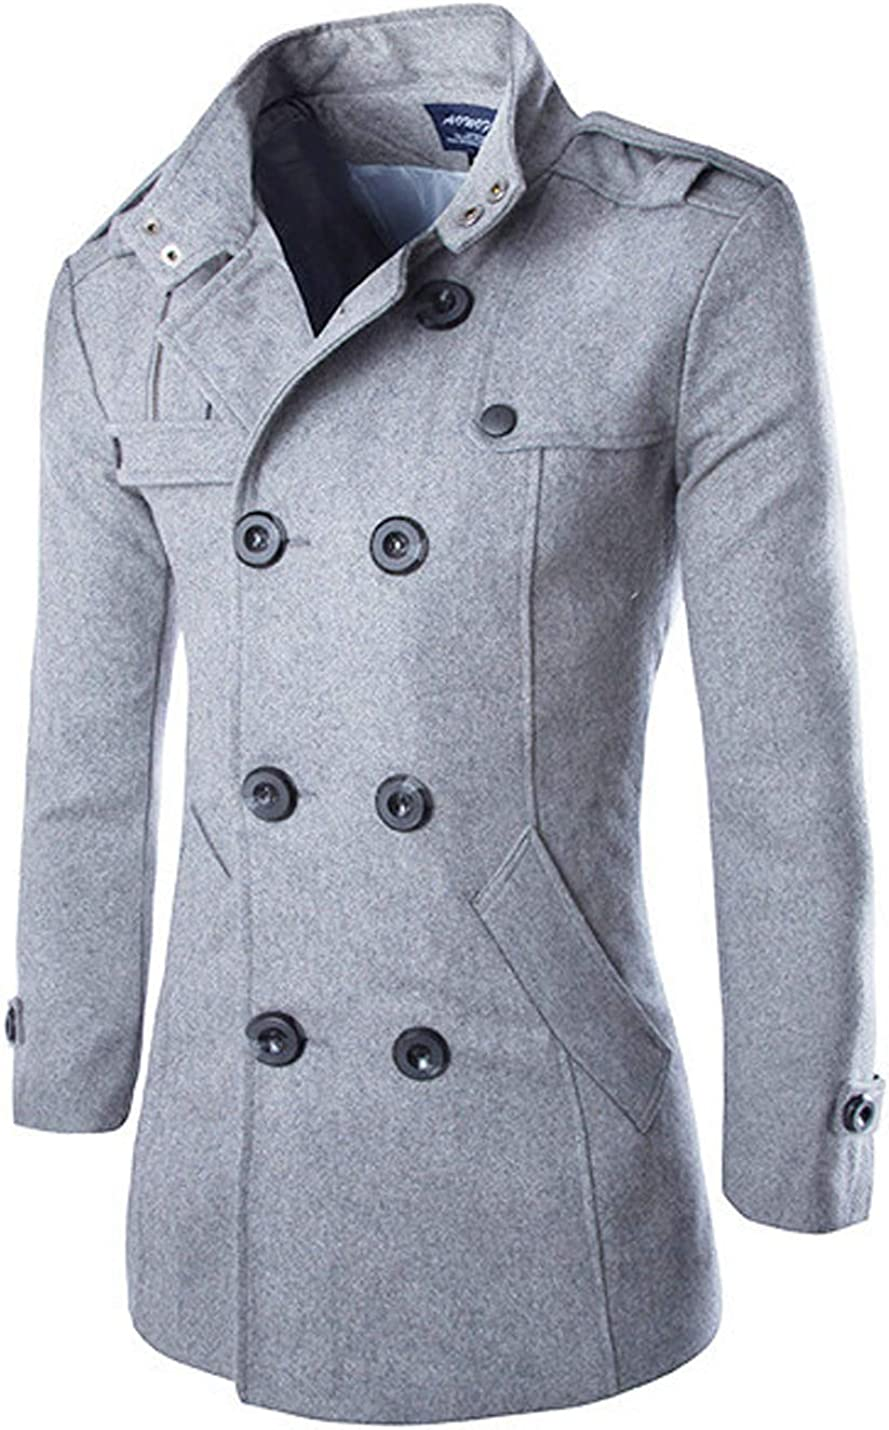 Yeokou Men's Stylish Double Breasted Wool Blend Winter Walker Pea Coat Jacket